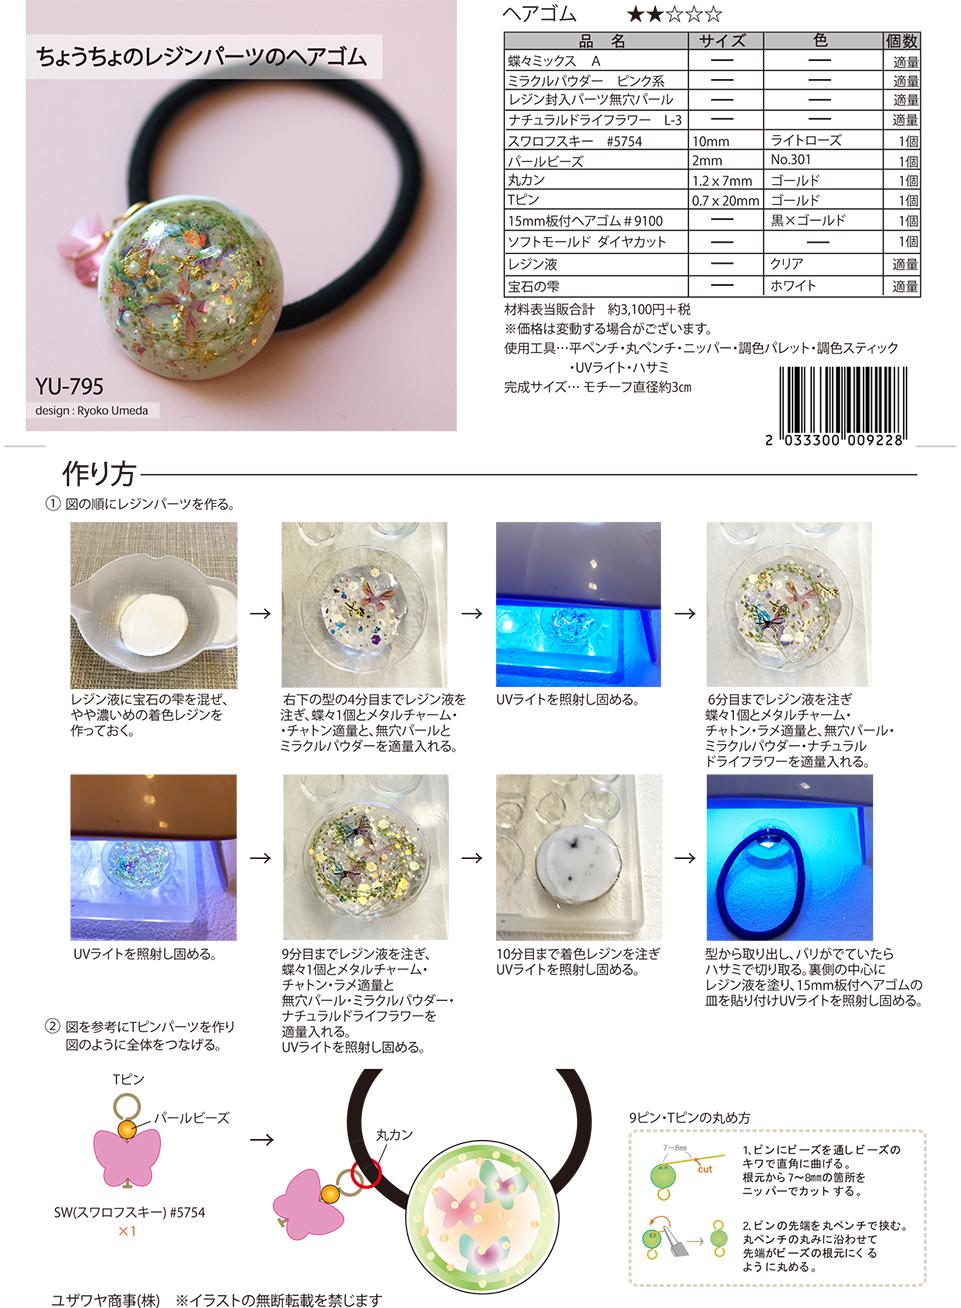 YU-795ちょうちょのレジンパーツのヘアゴム_1.jpg